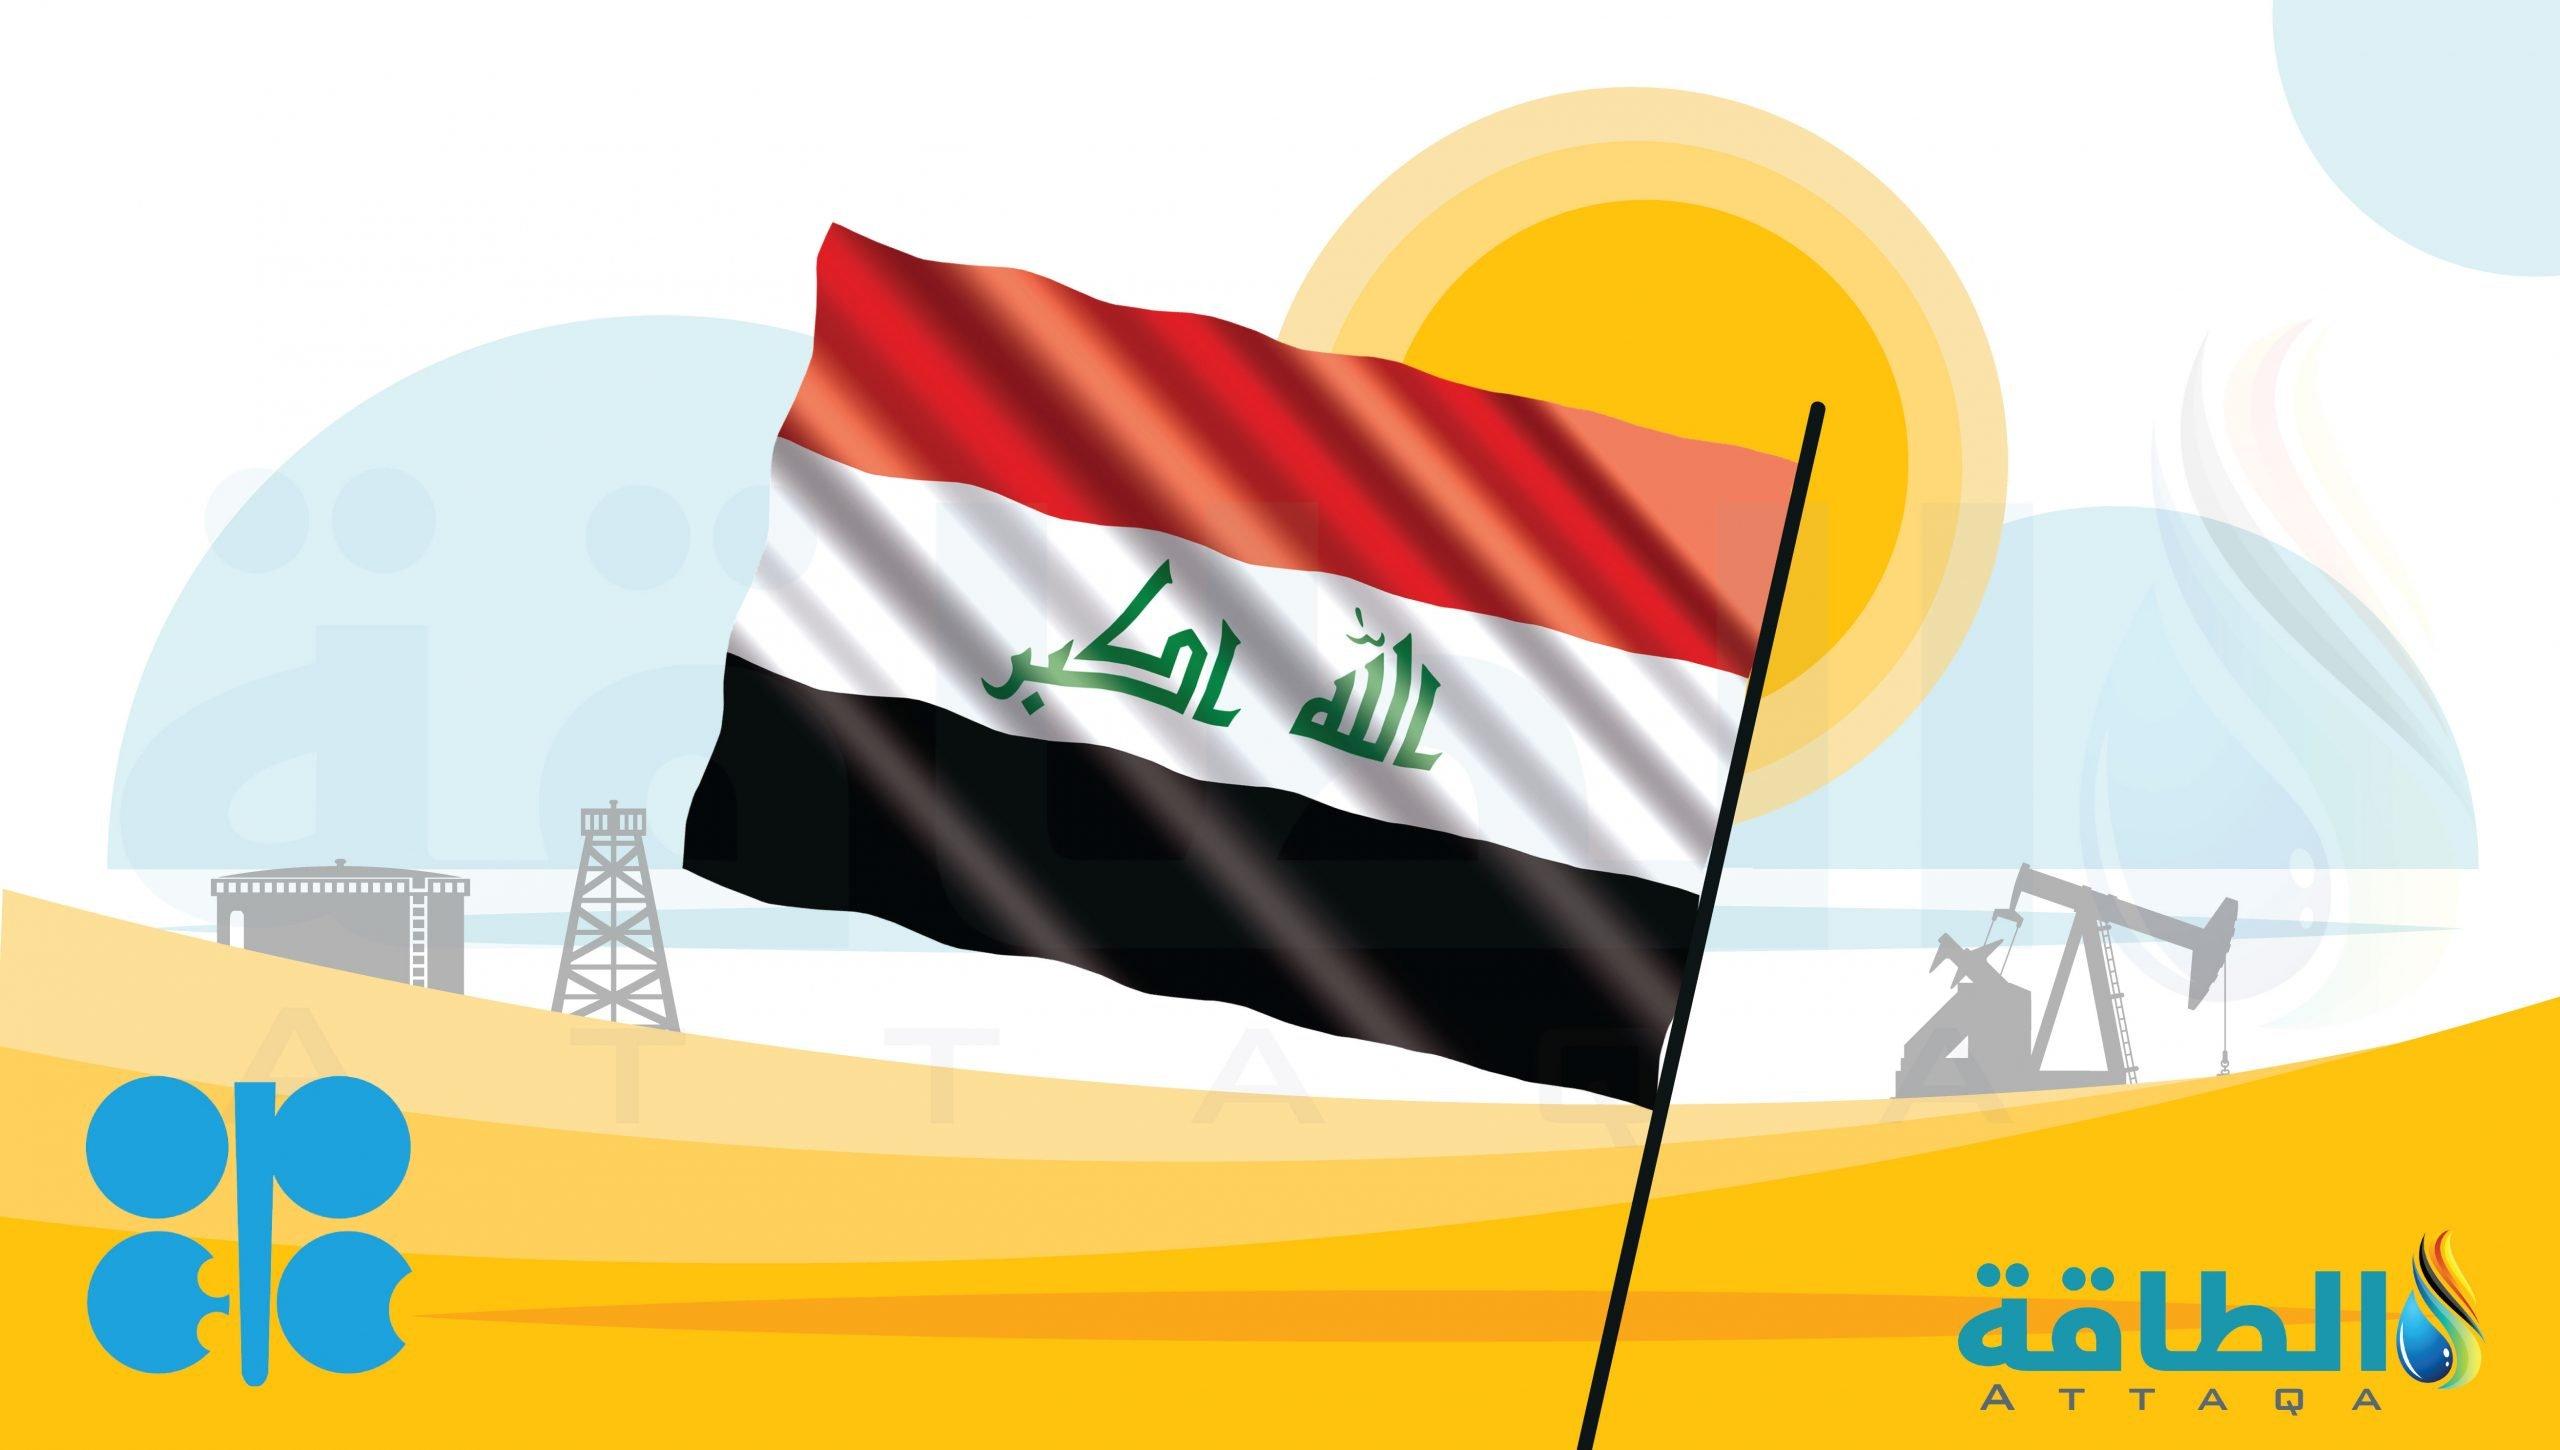 النفط مقابل الإعمار